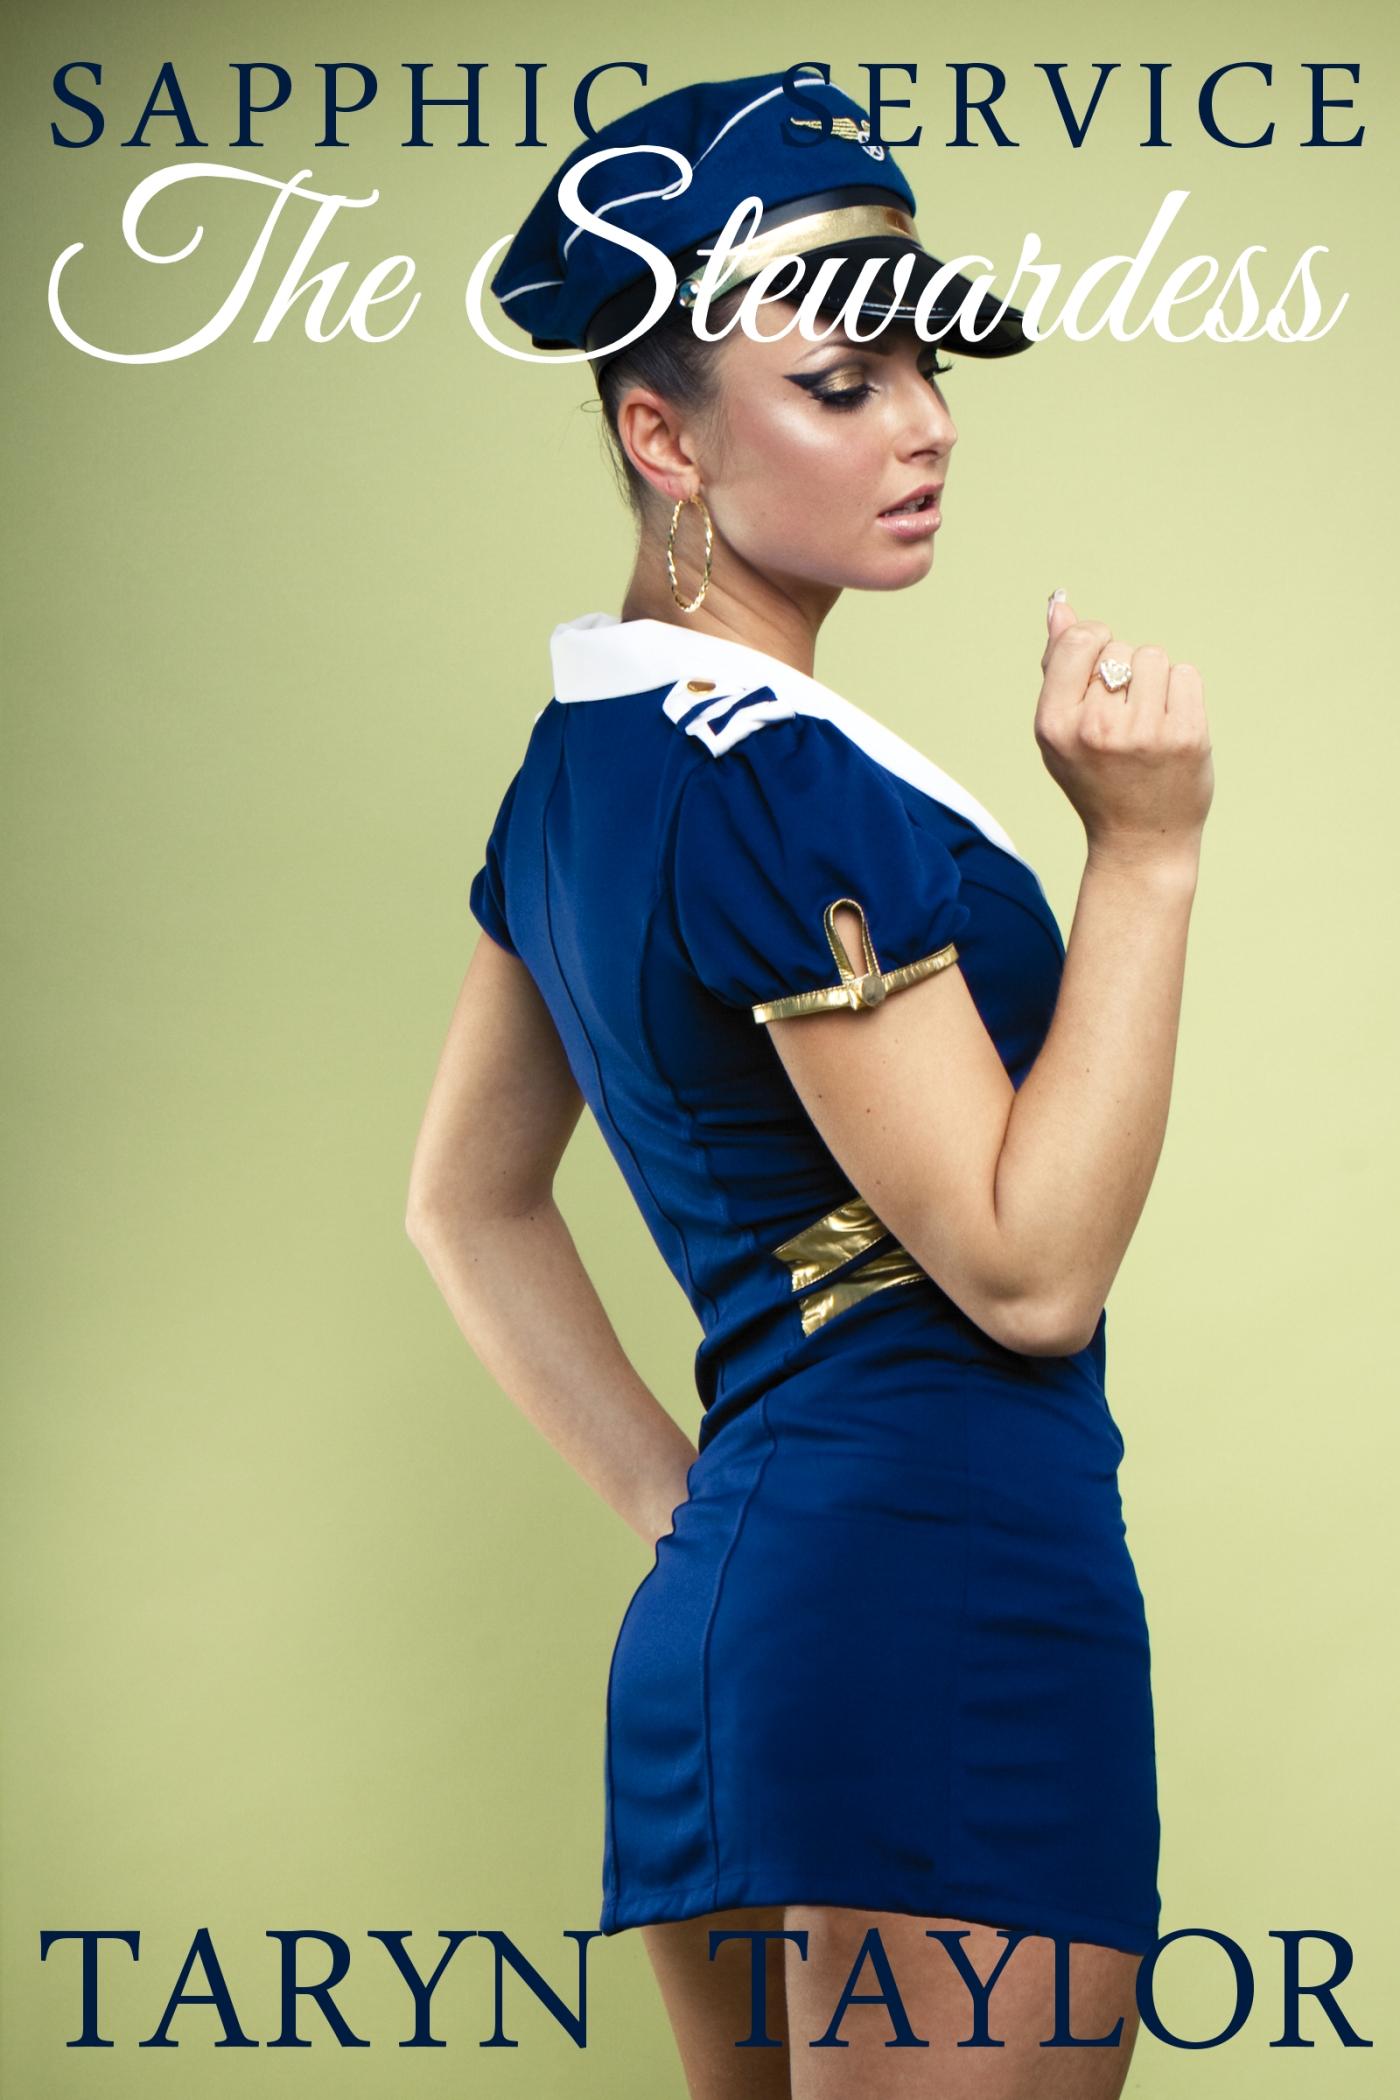 Стюардесса в мини юбке 27 фотография